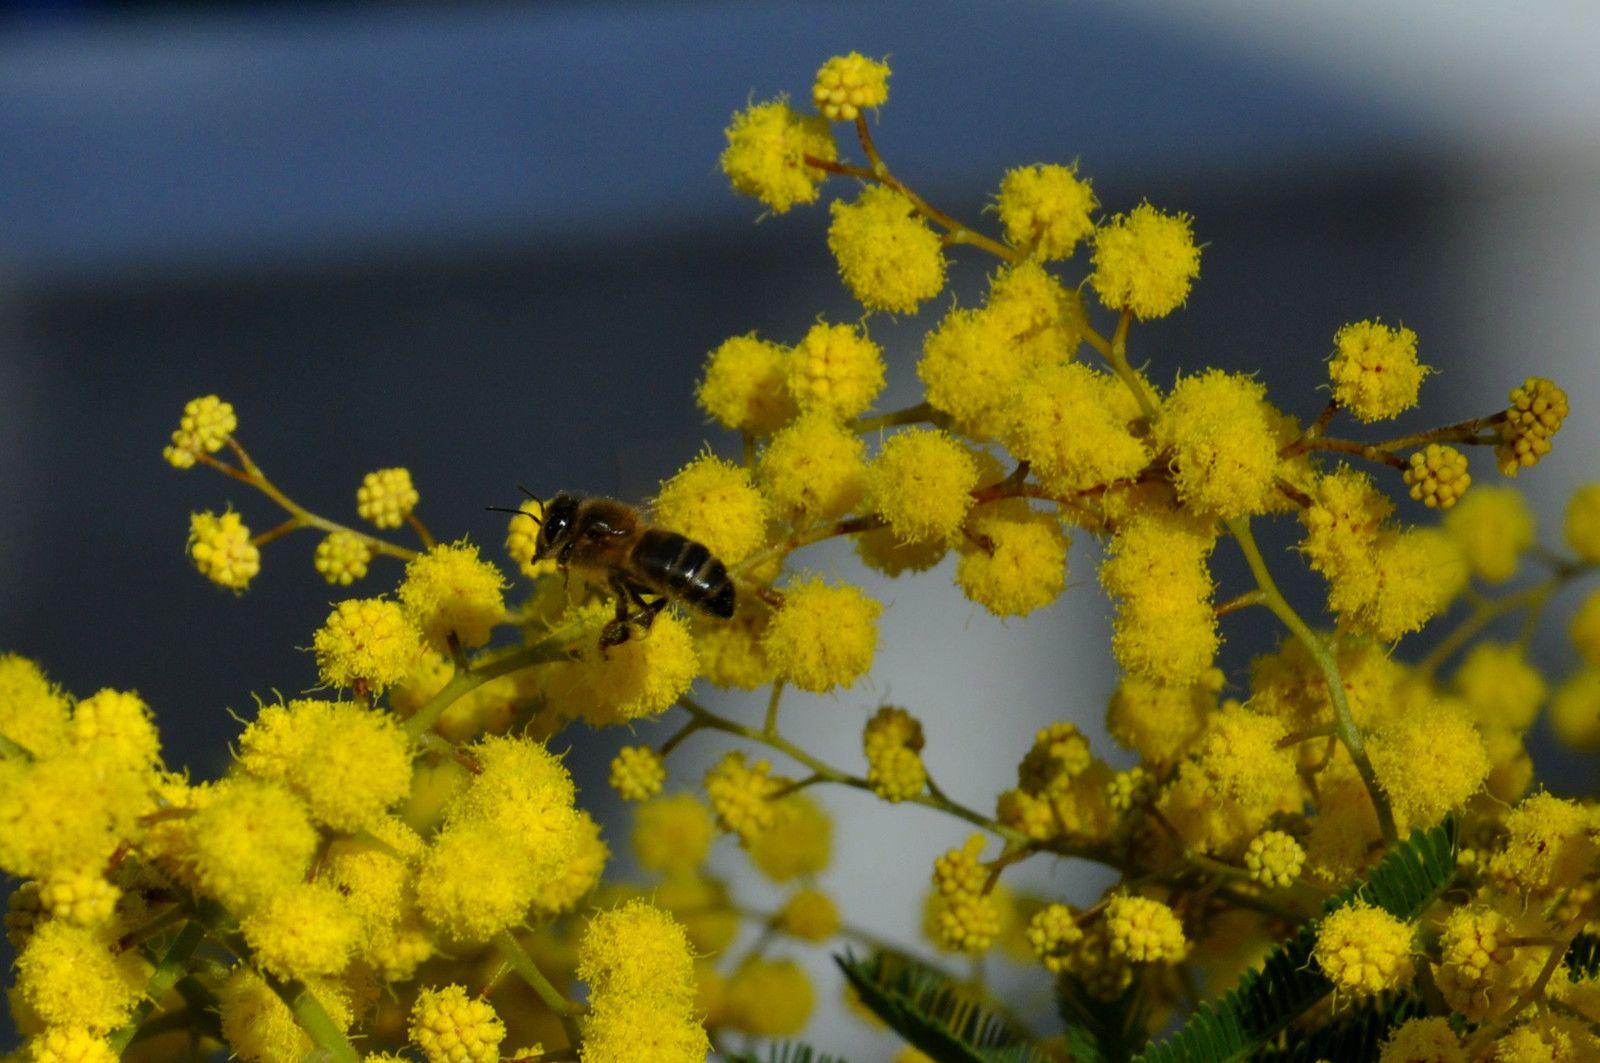 L'abeille adore le mimosa.